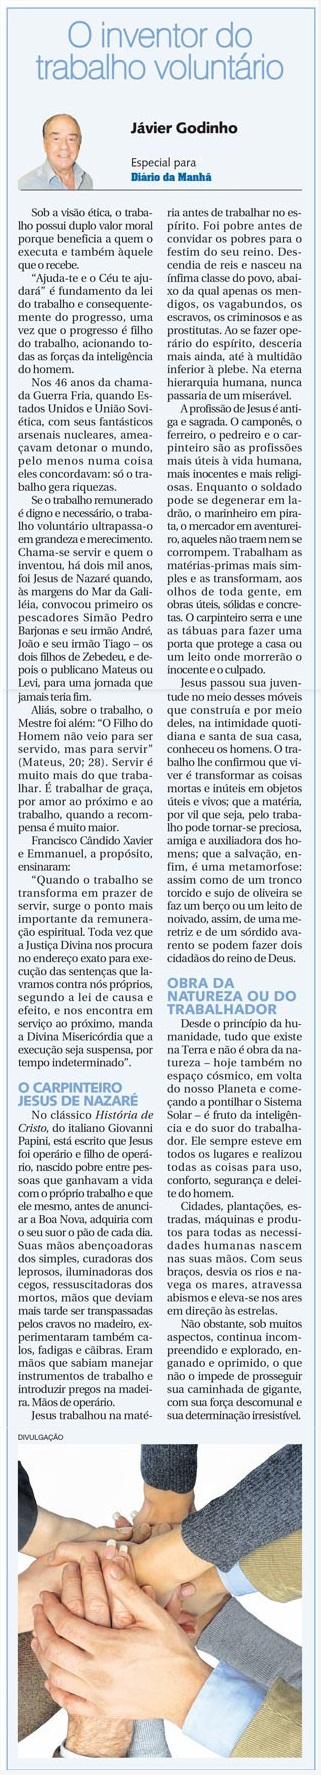 O inventor do trabalho voluntario - Javier Godinho - 30-04-2014